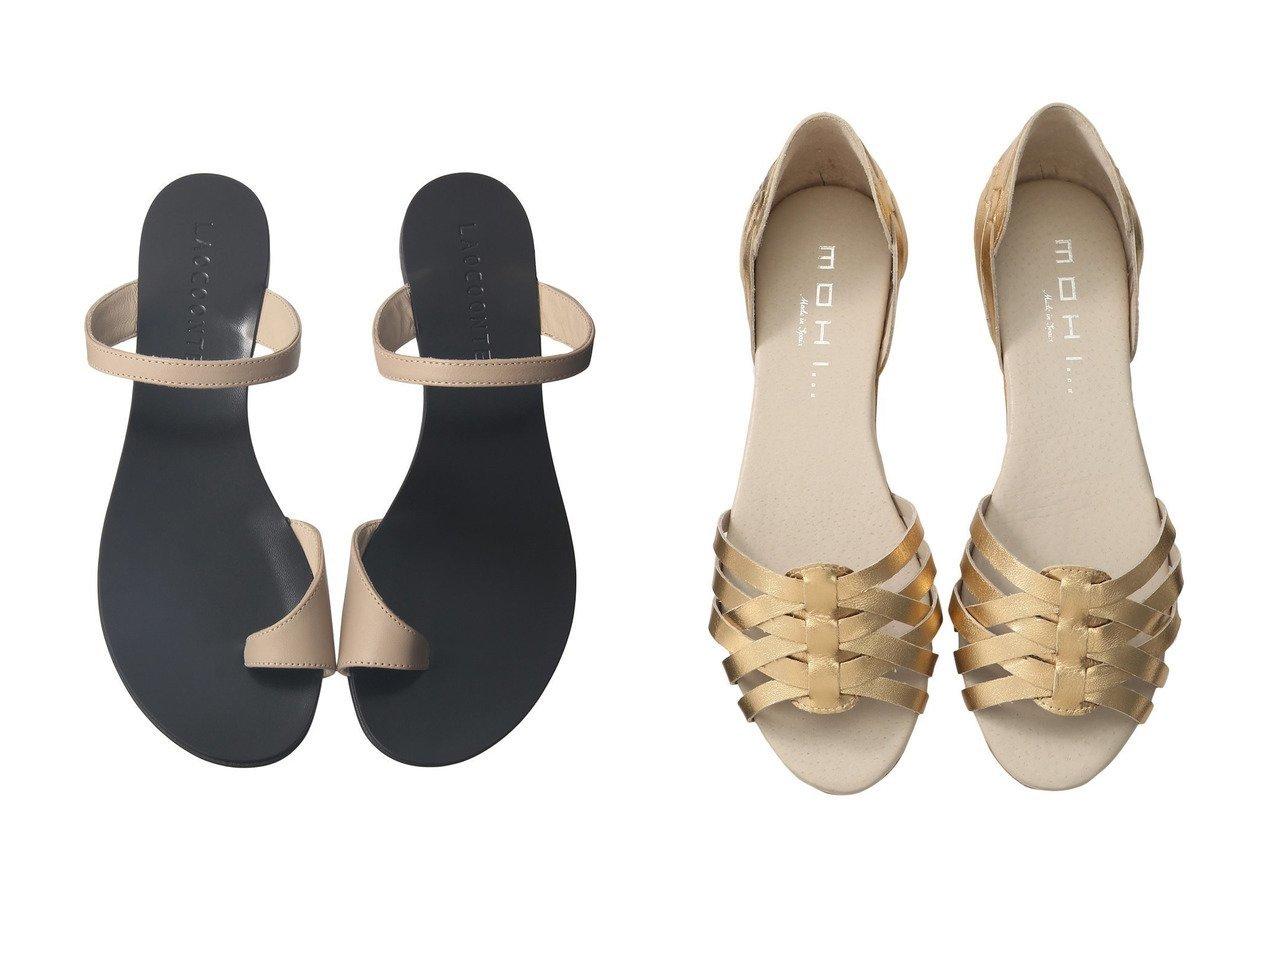 【heliopole/エリオポール】の【MOHI】メタリックメッシュサンダル&【LAOCOONTE】ストラップトングサンダル 【シューズ・靴】おすすめ!人気、トレンド・レディースファッションの通販  おすすめで人気の流行・トレンド、ファッションの通販商品 インテリア・家具・メンズファッション・キッズファッション・レディースファッション・服の通販 founy(ファニー) https://founy.com/ ファッション Fashion レディースファッション WOMEN サマー サンダル 定番 Standard シューズ ジュート スマート トレンド フェミニン フォルム フラット メタリック メッシュ |ID:crp329100000062295